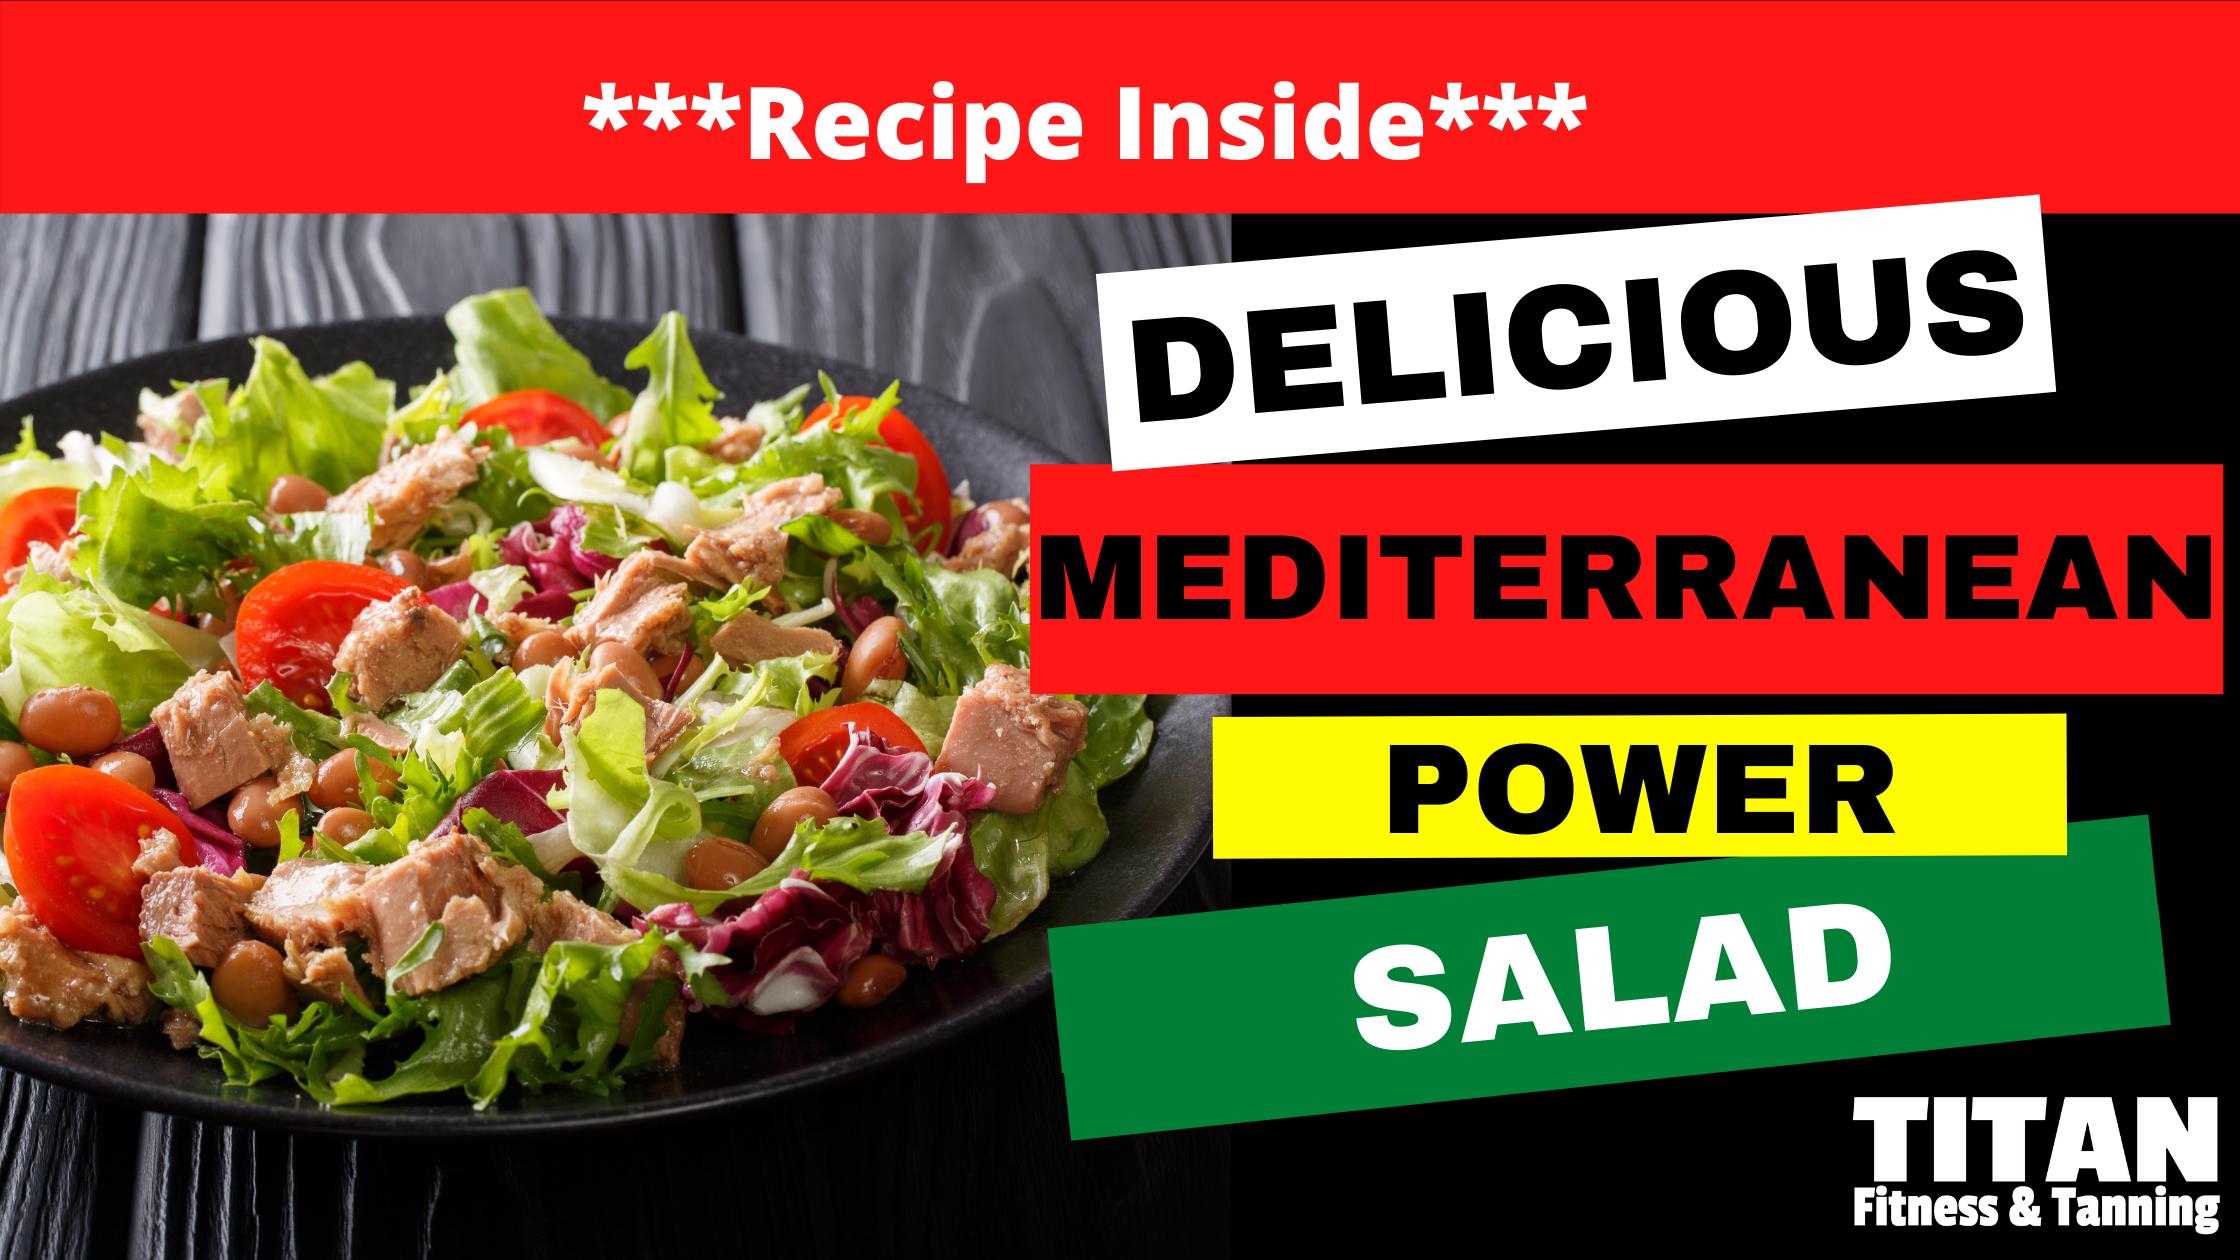 Delicious Mediterranean Power Salad